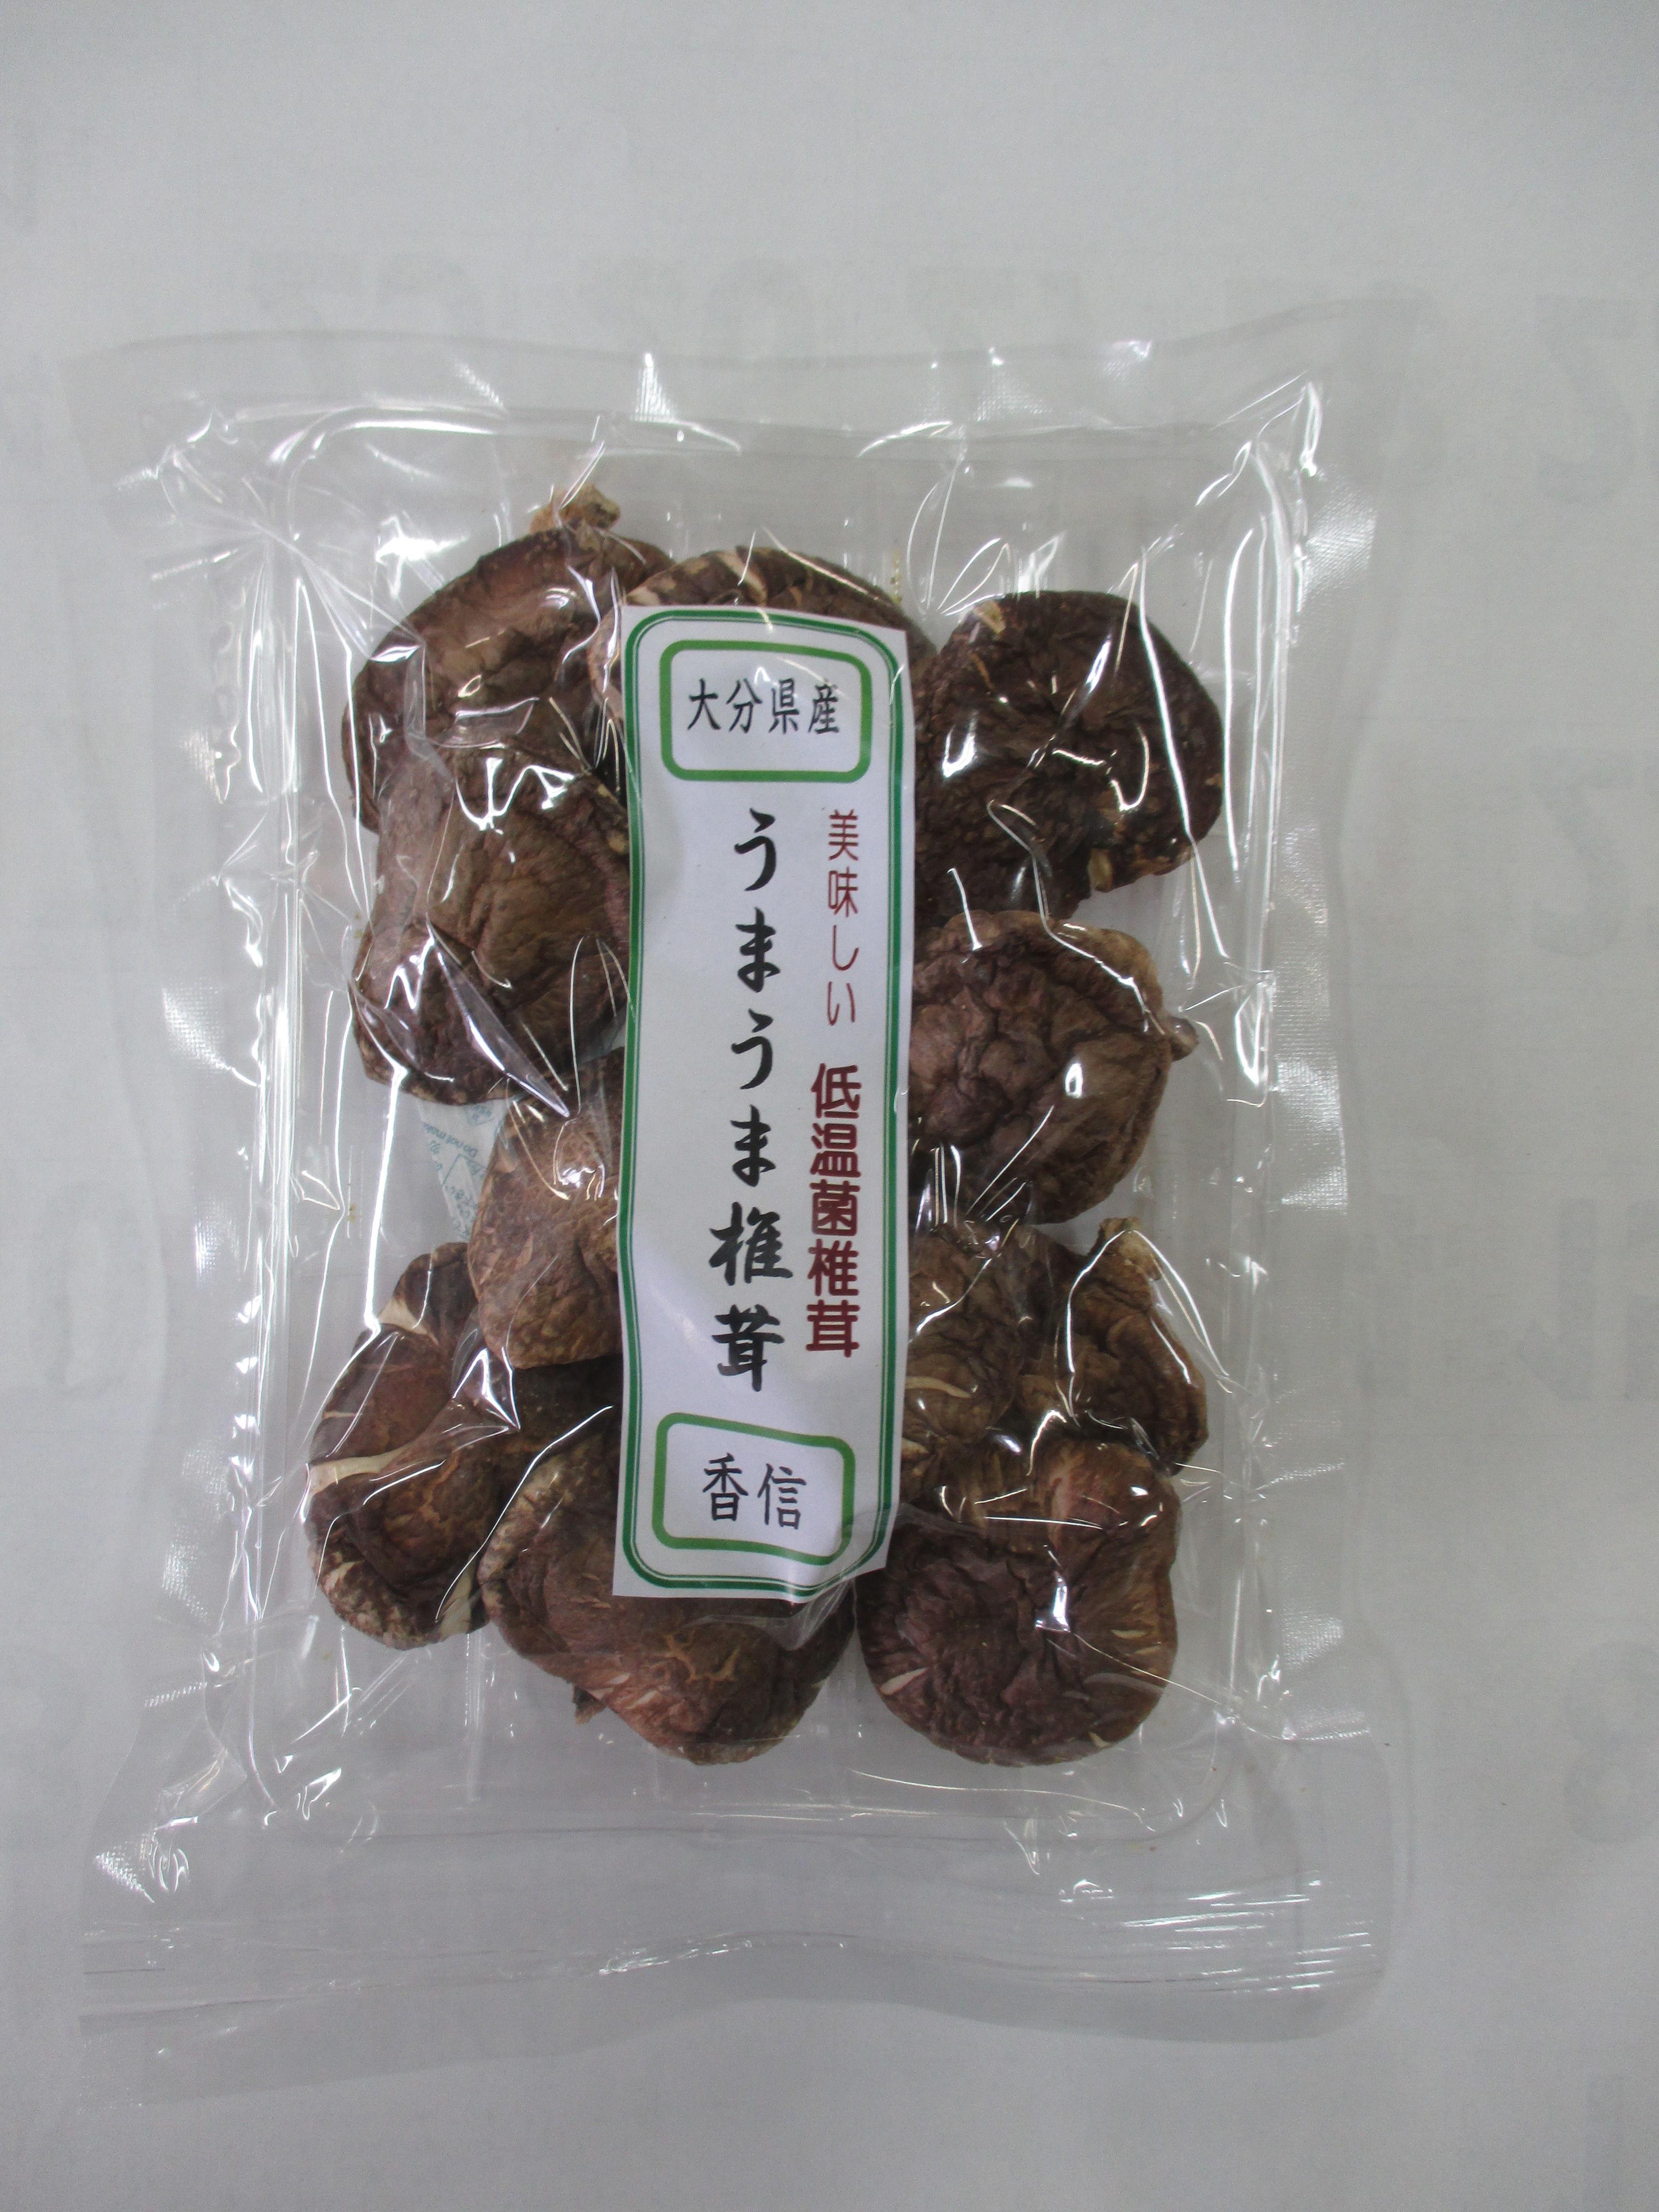 大分県産うまうま椎茸 香信 40g